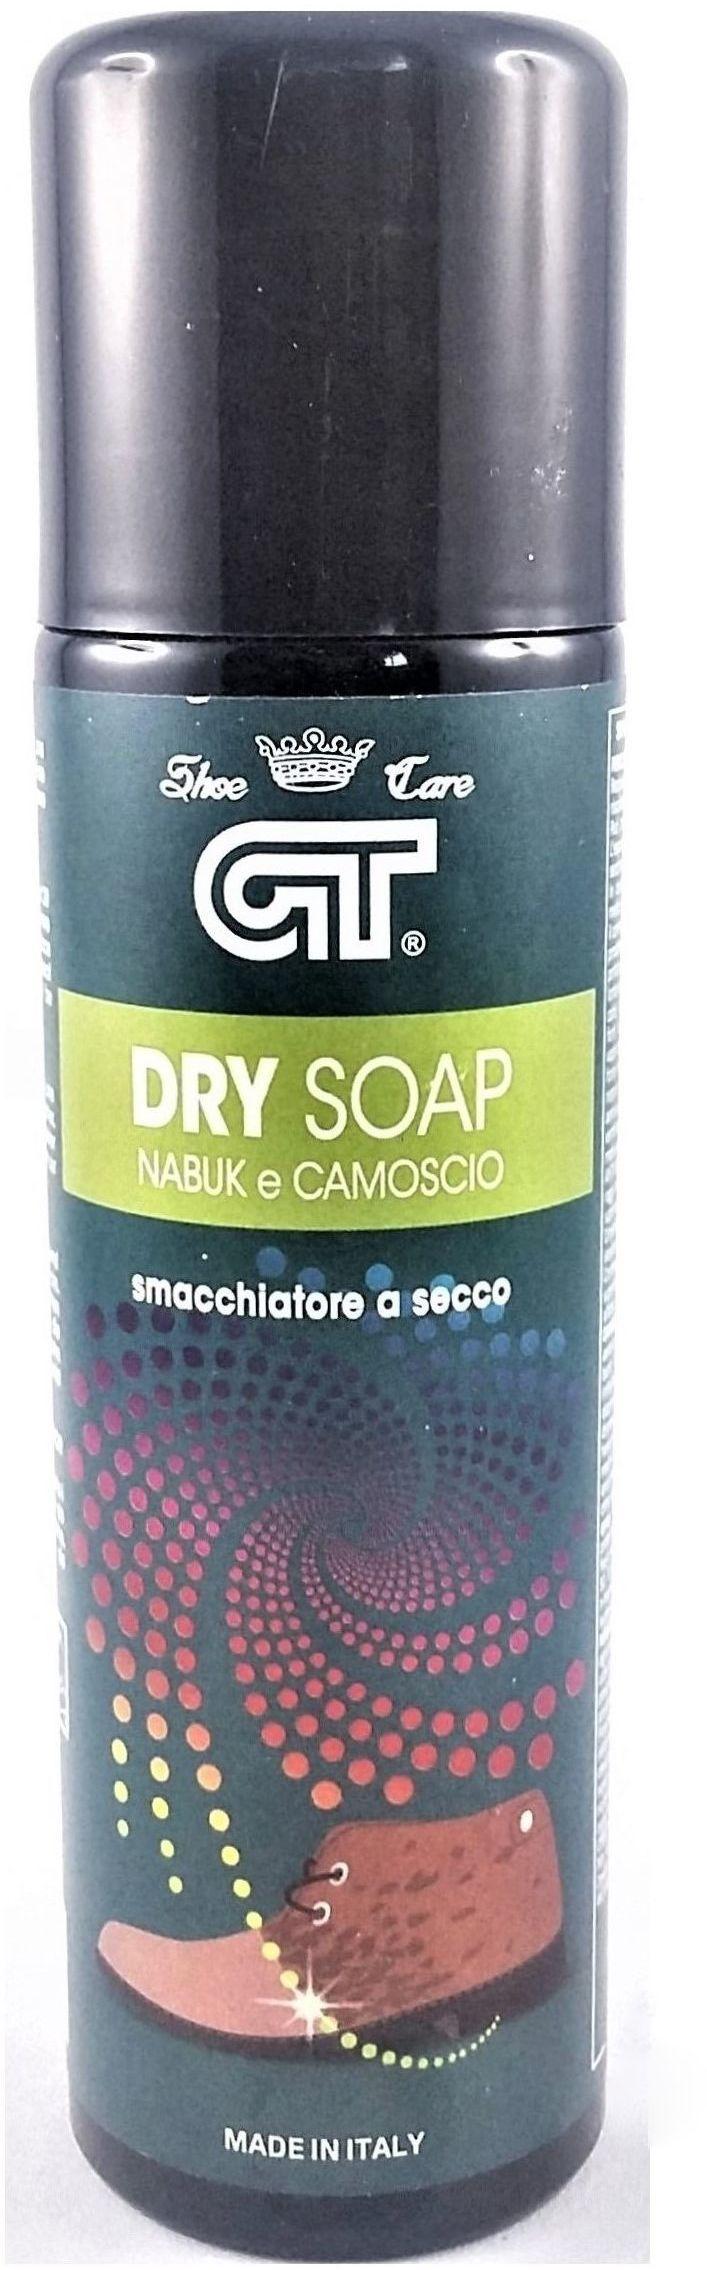 pianka do czyszczenia obuwia TRADIGO GIOVANNI DRY SOAP